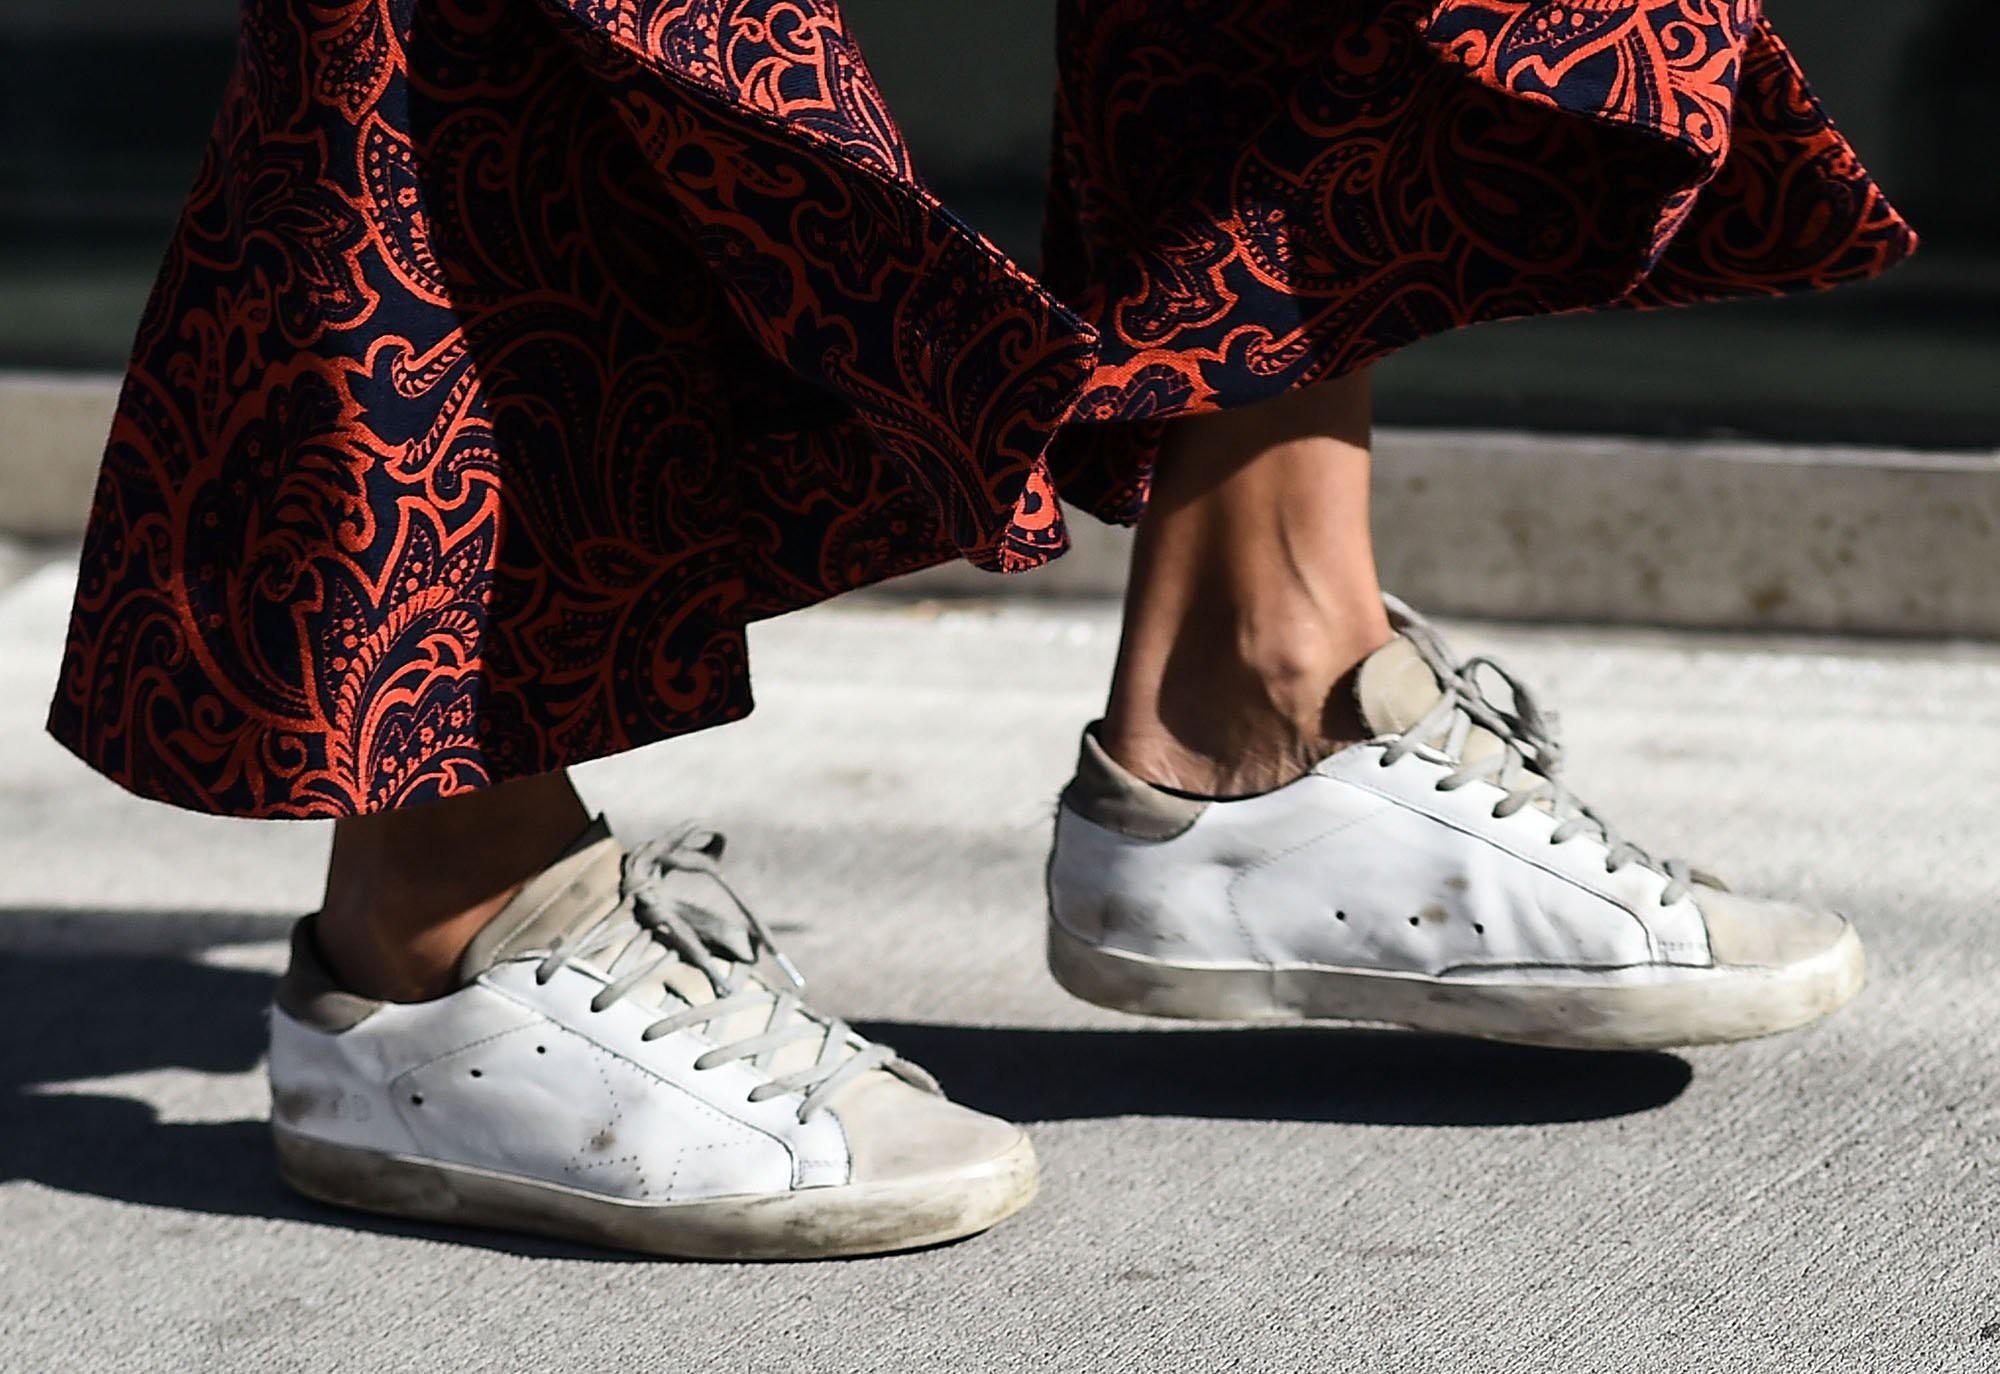 Golden Goose ra sneaker vừa bẩn vừa dán băng dính chằng chịt, cư dân mạng bức xúc: Khác nào chế giễu người nghèo - Ảnh 1.